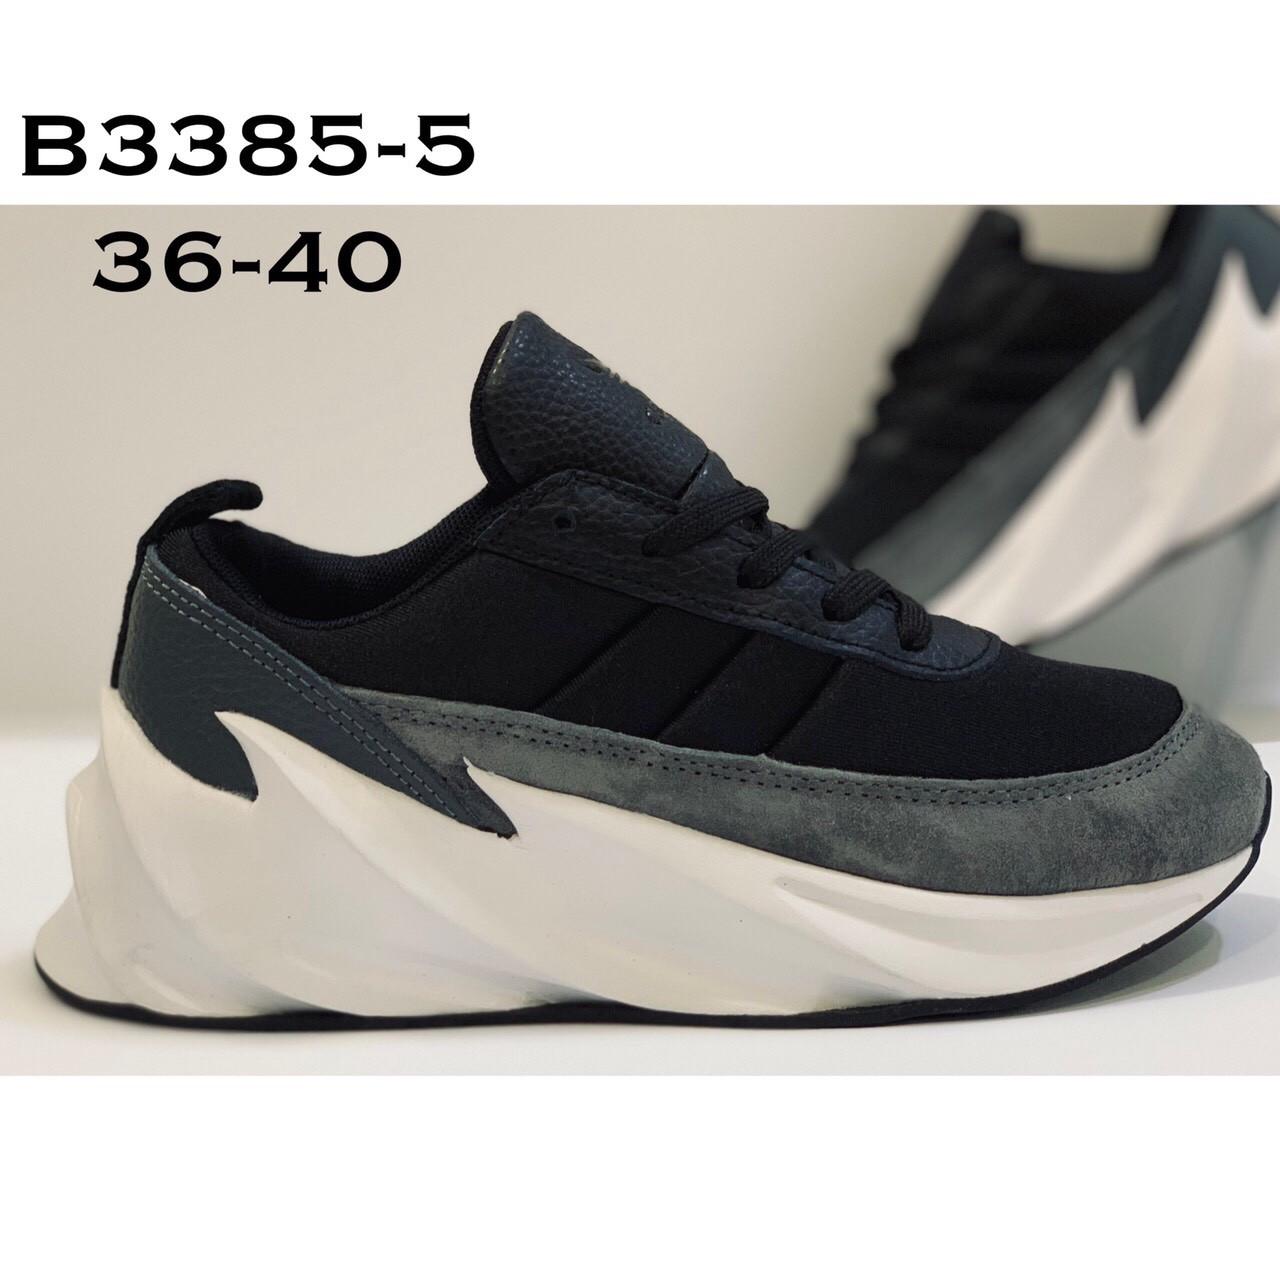 Подростковые кроссовки Adidas Shark оптом (36-40)